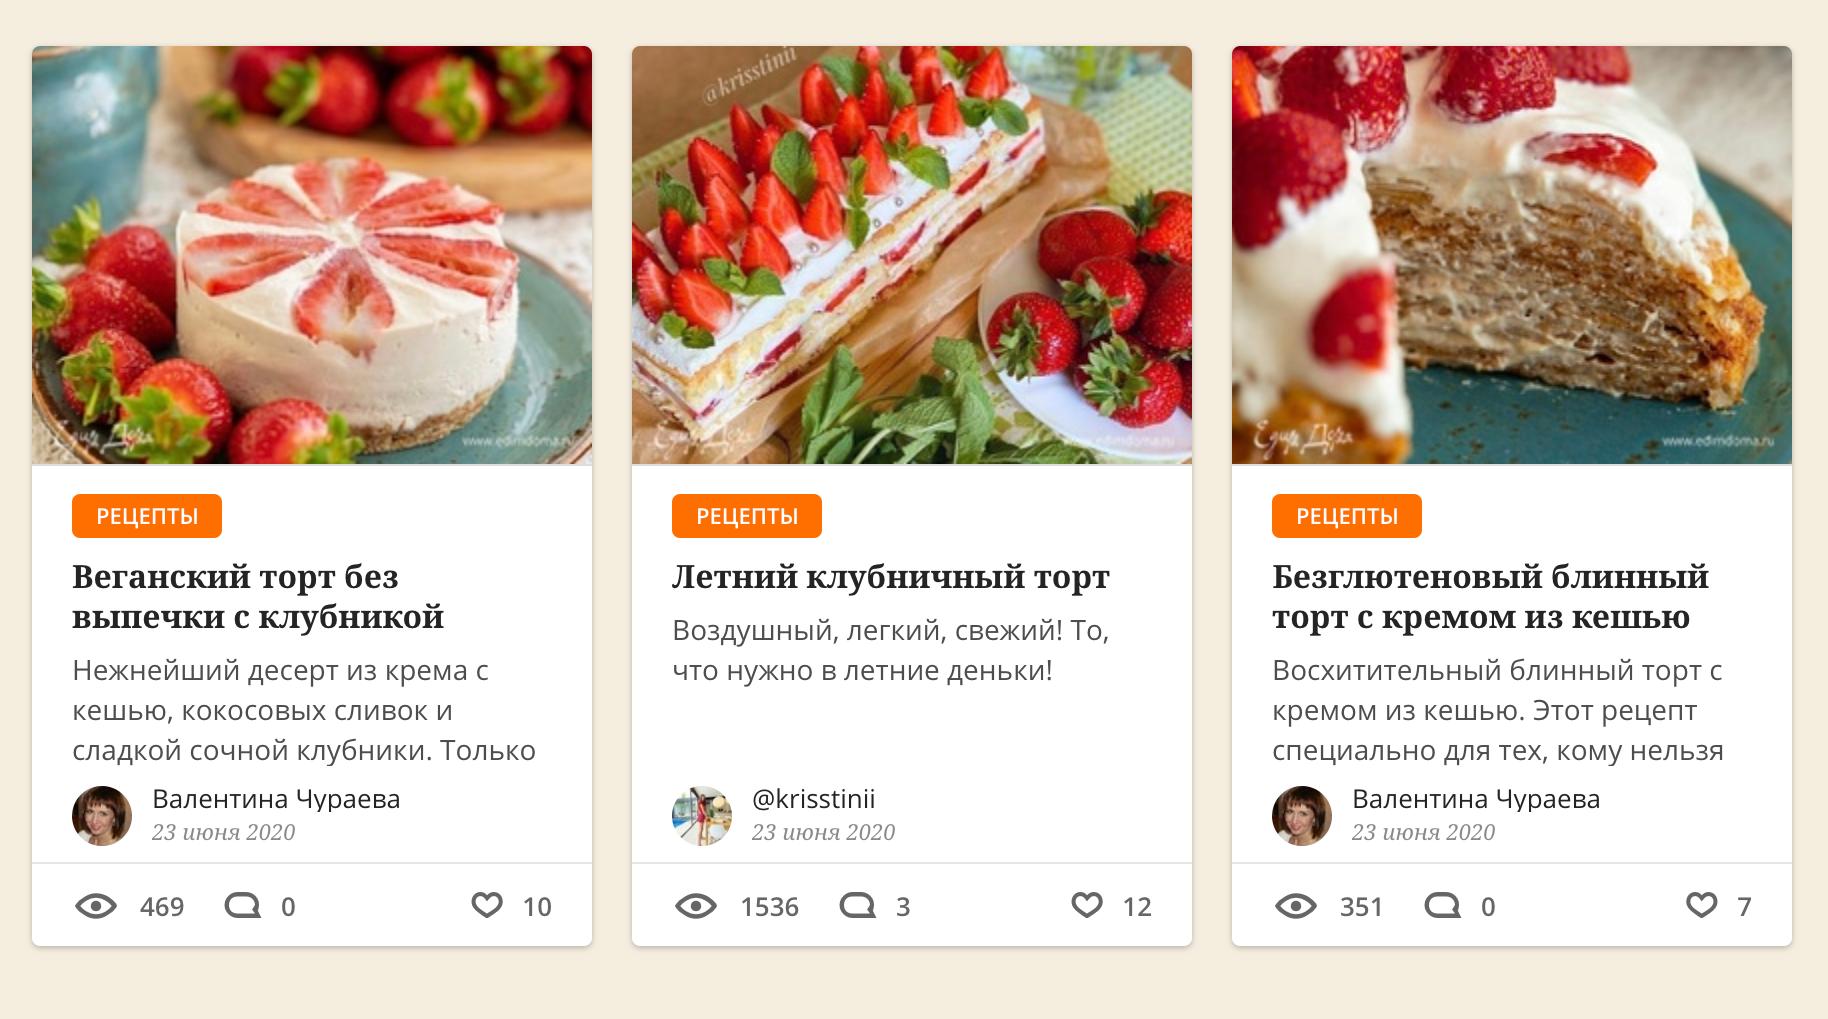 На «Едим дома» пользователи редко пишут отзывы, но оценить рецепт можно по количеству лайков